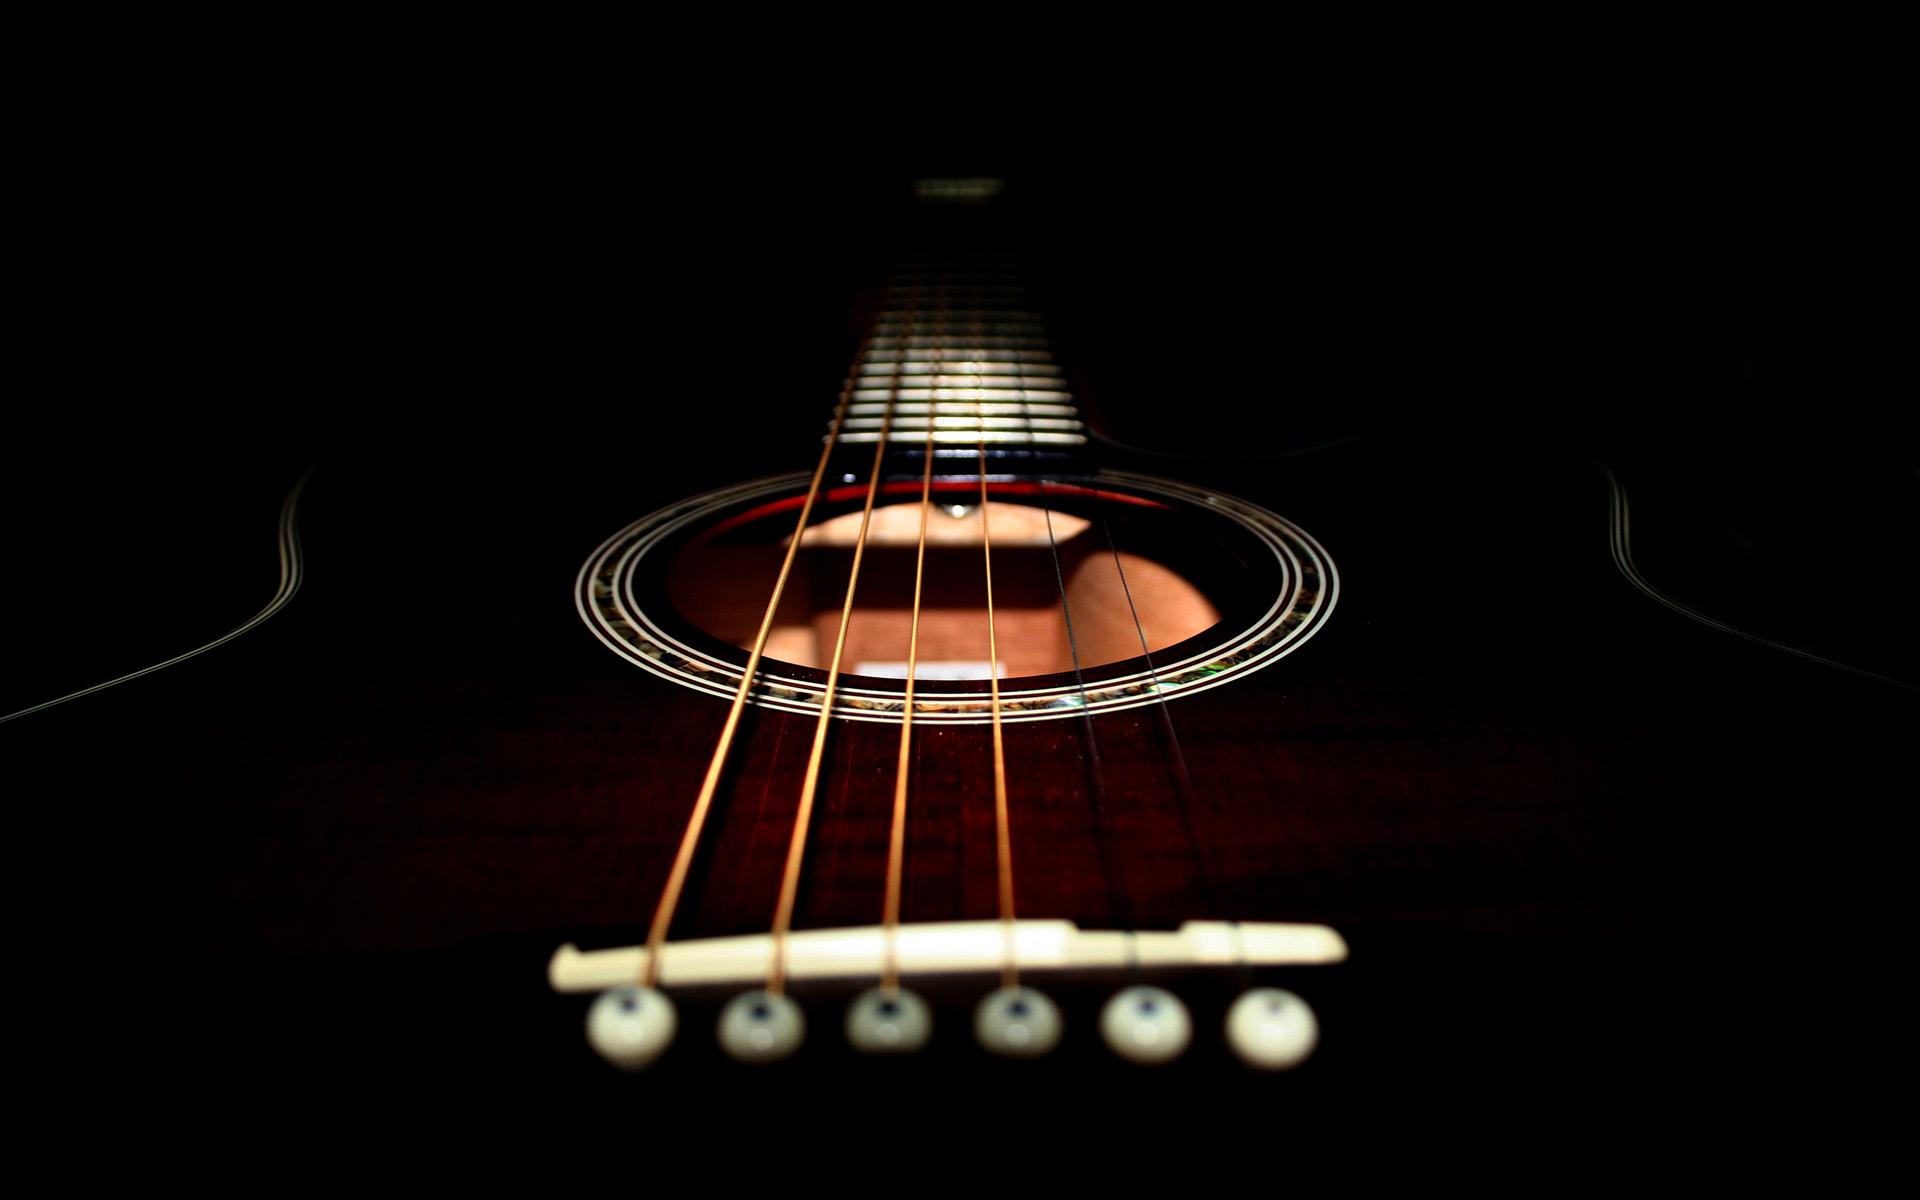 guitar wallpaper 45310